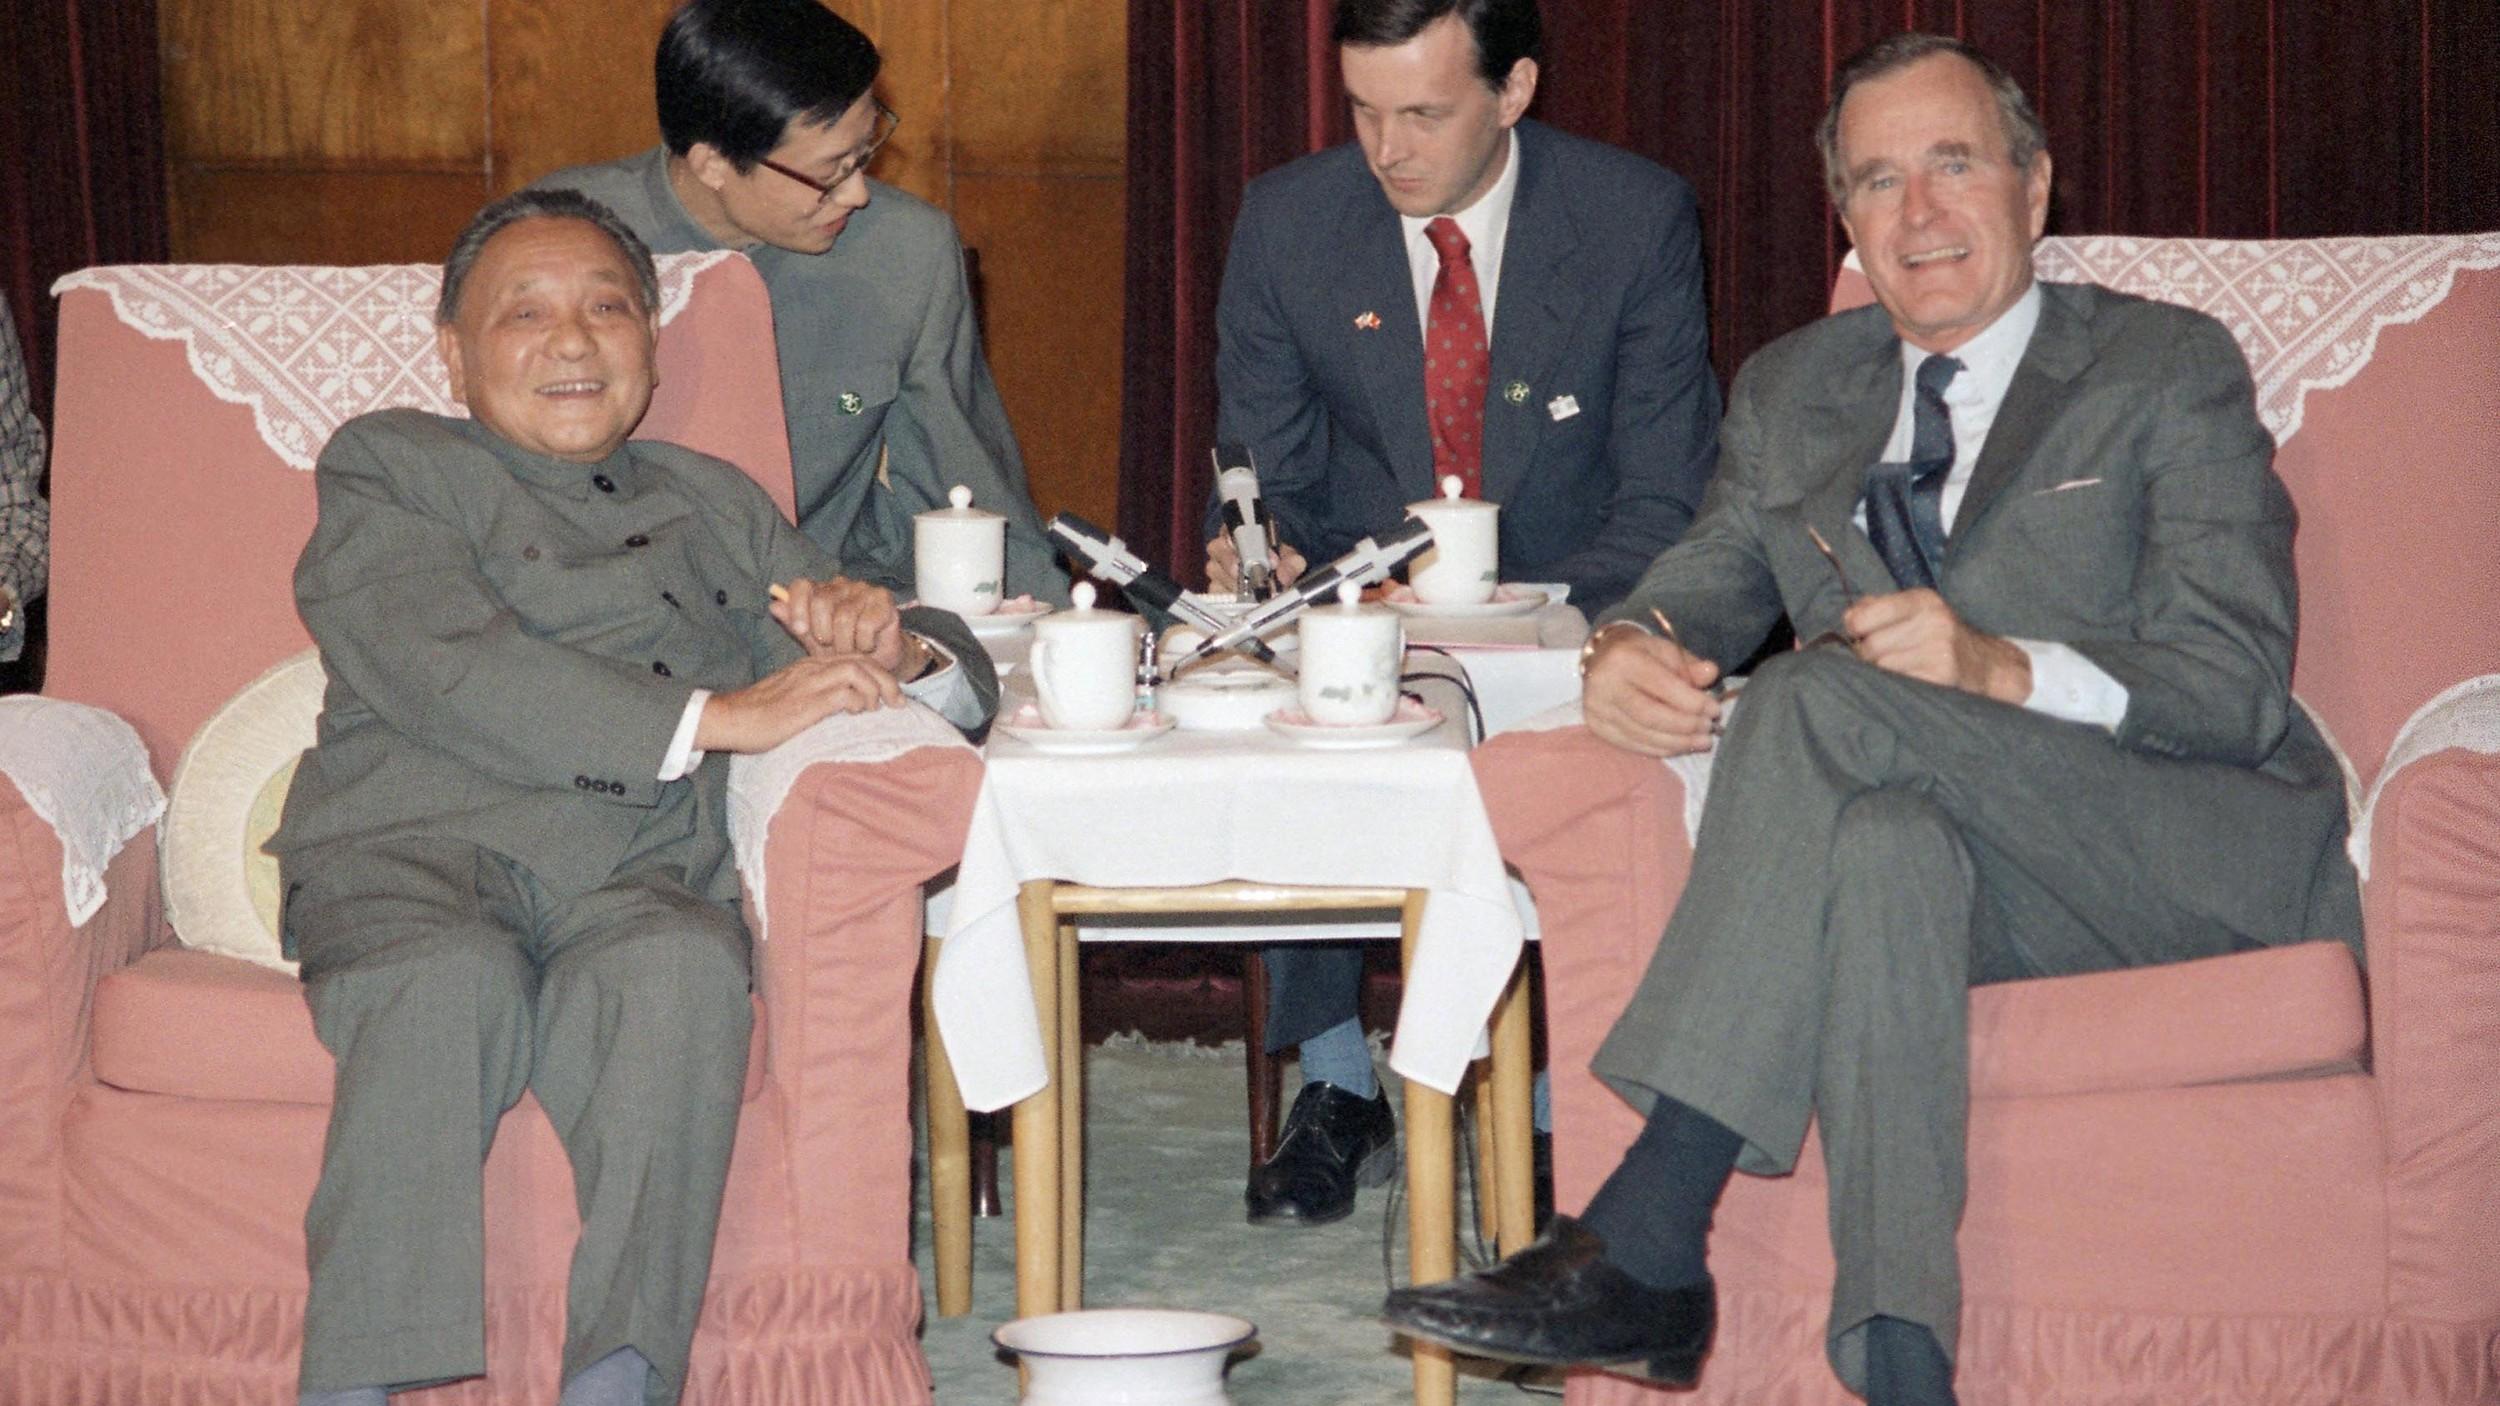 美国老布什总统(右,时任美国副总统)与邓小平于1985年在北京会面。(美联社)